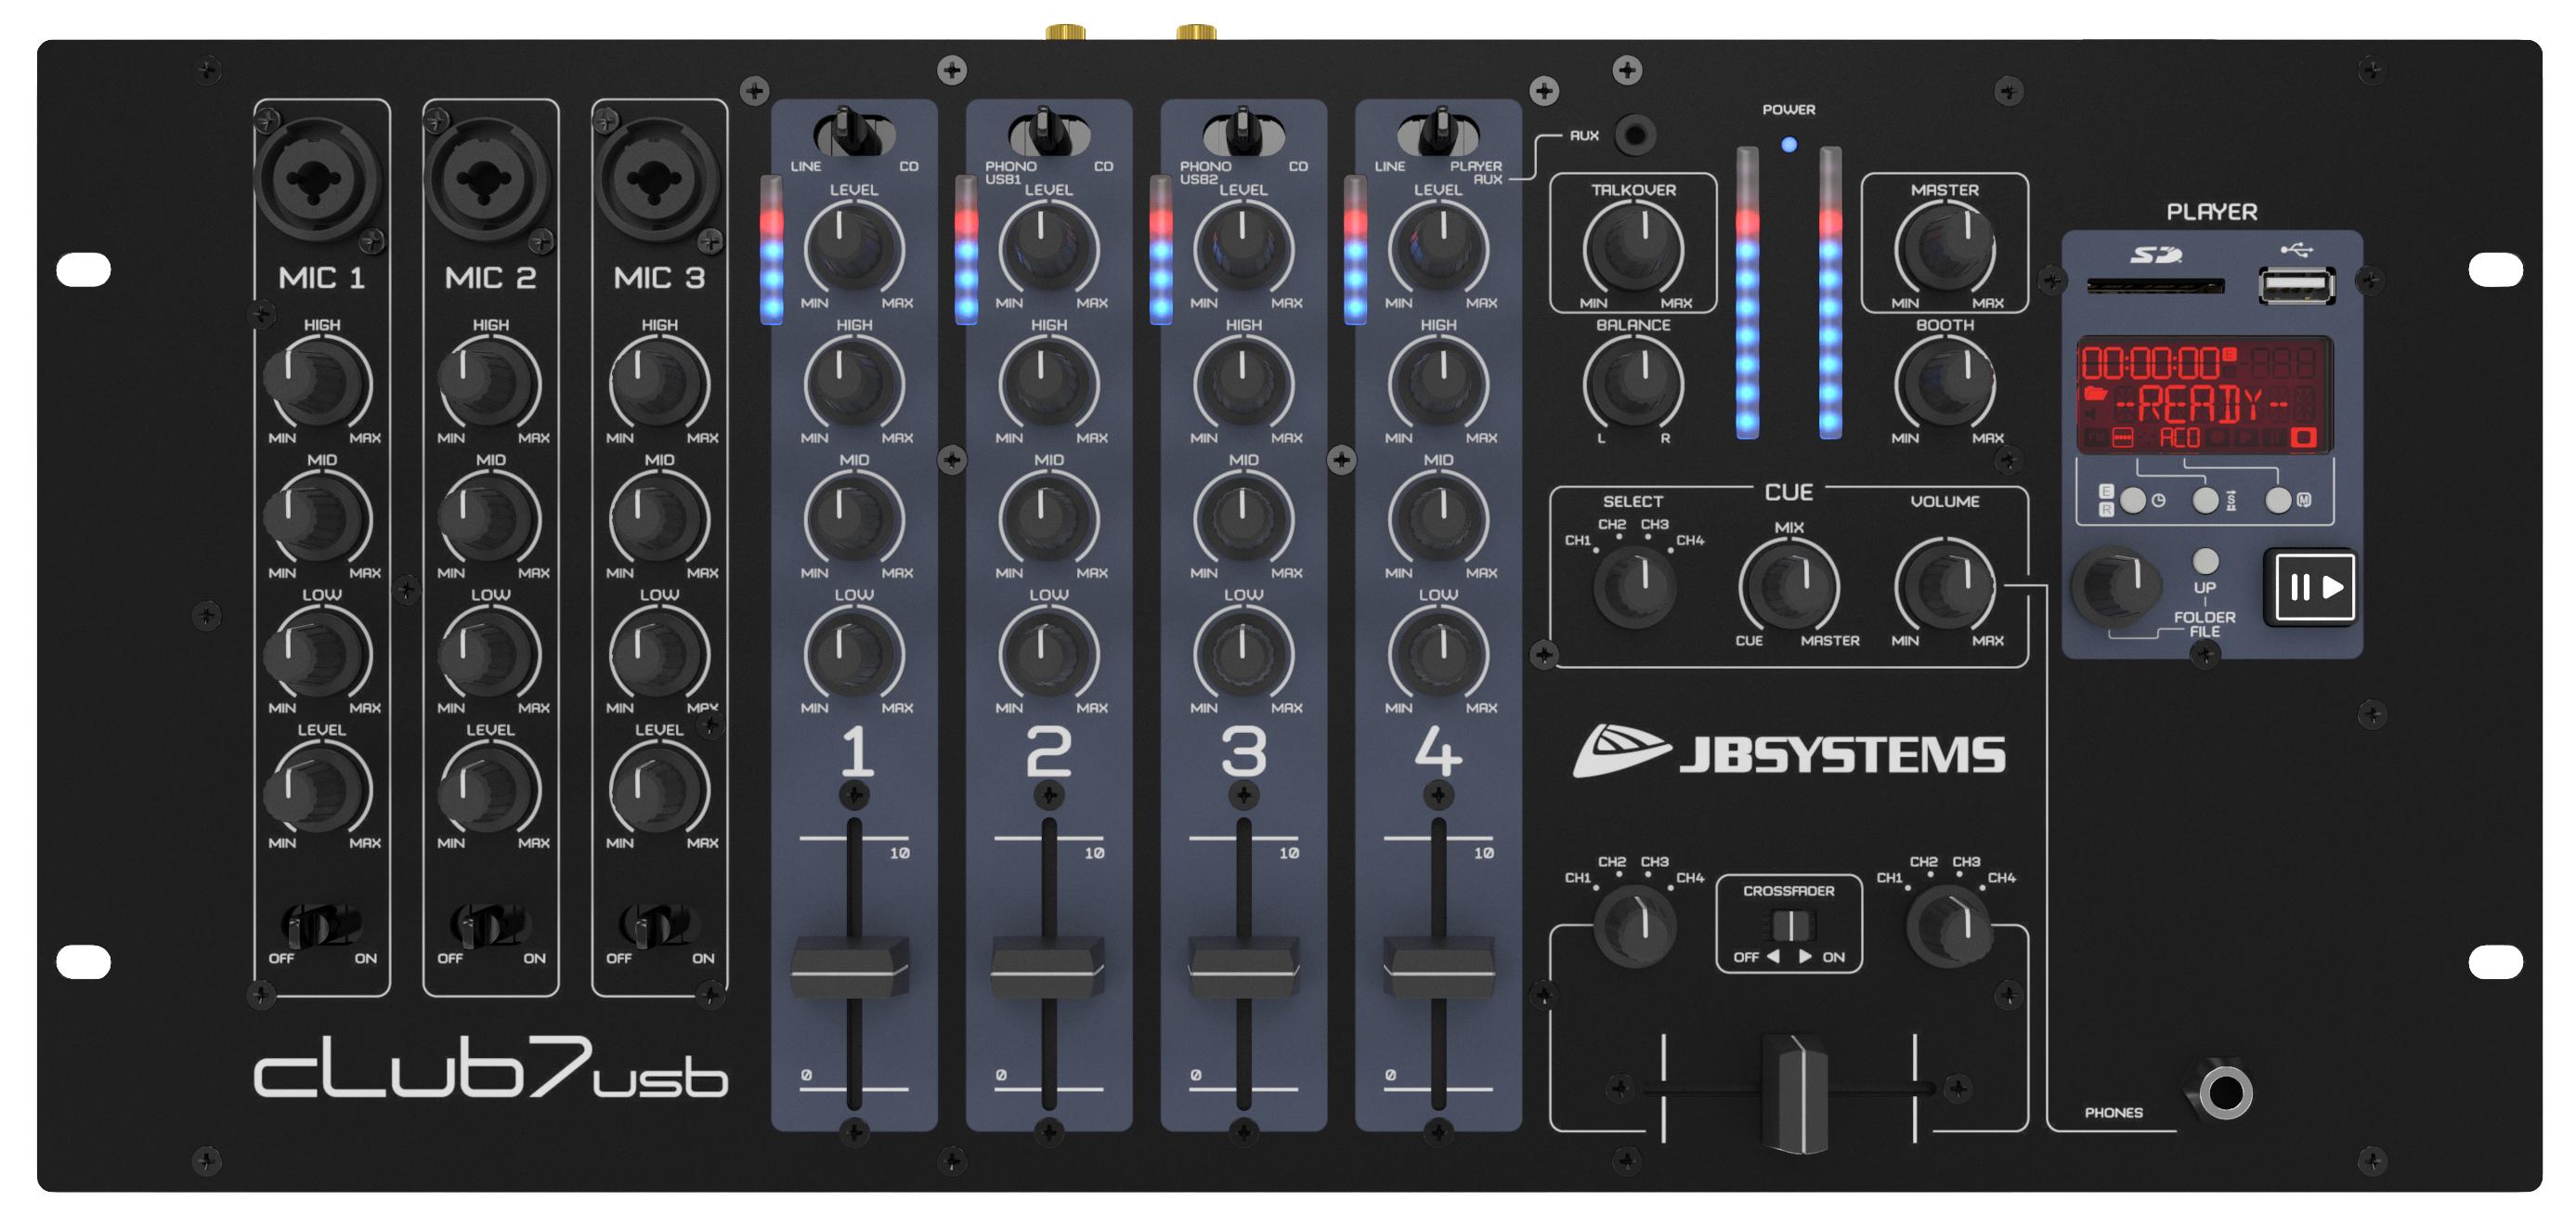 Jb Systems Club7 Usb Dj Mixers